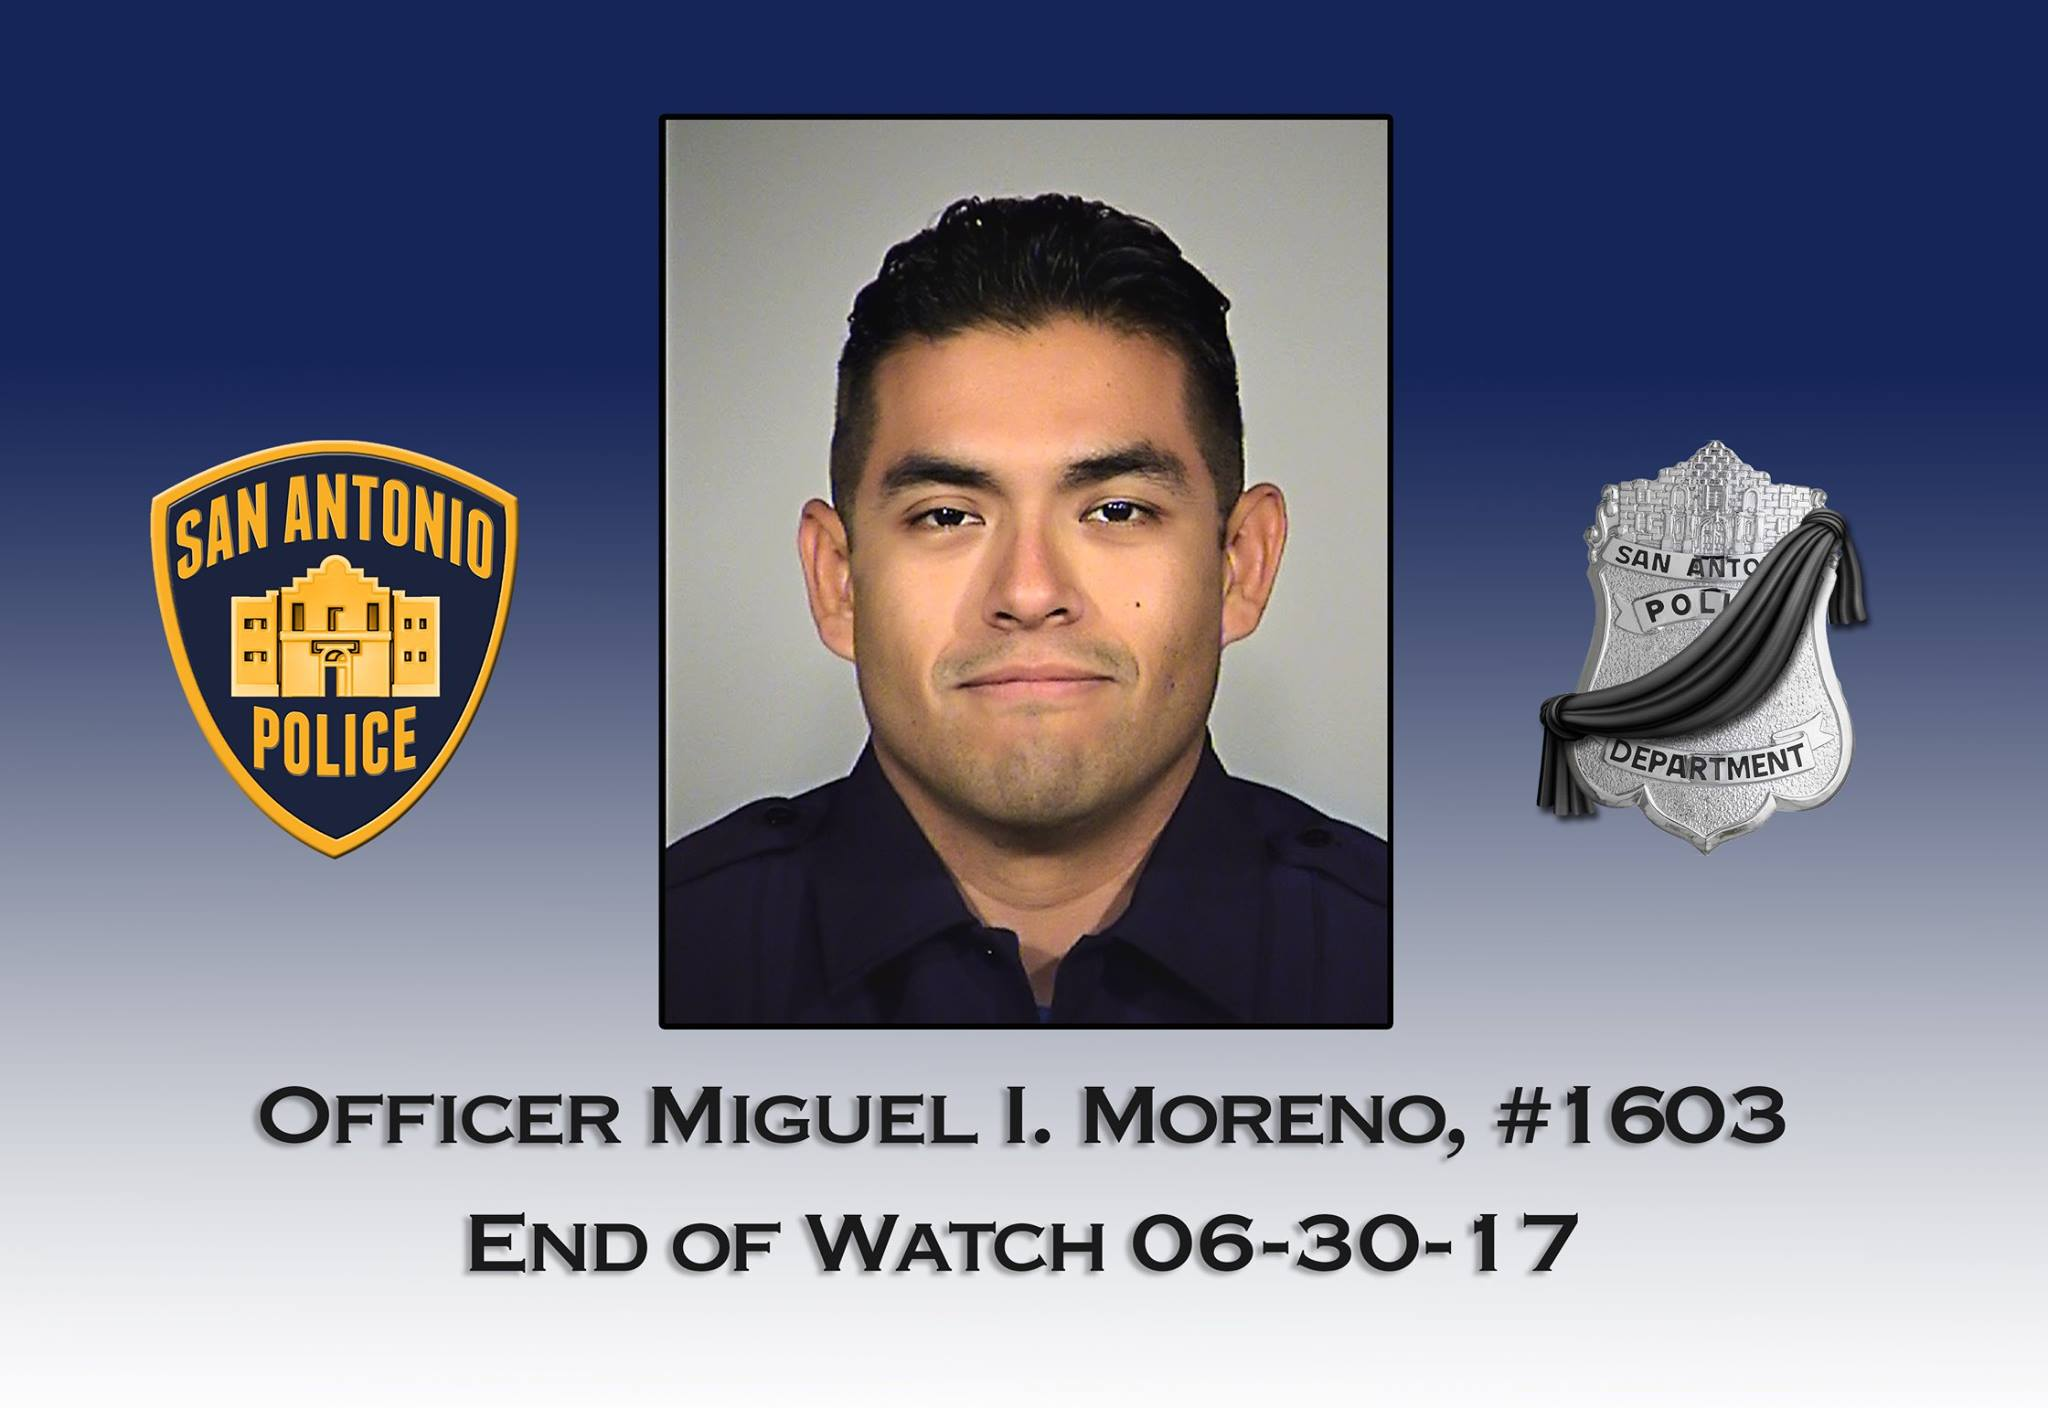 BREAKING: San Antonio Police officer dies after injured in shootout